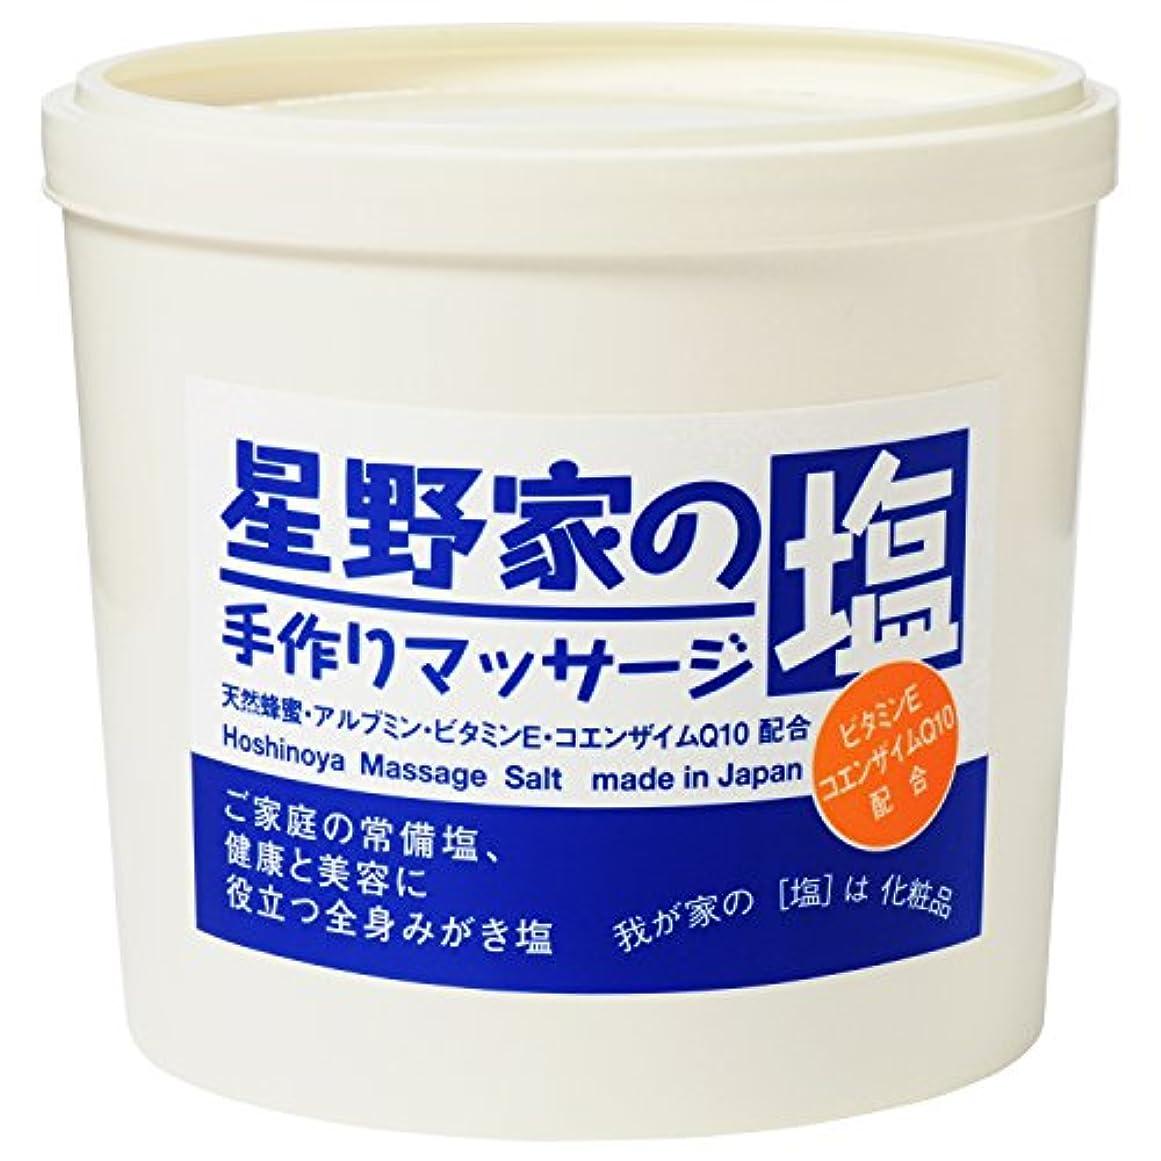 食べる棚フリッパー星野家の手作りマッサージ塩【お徳用?950g】 ボディスクラブ/角質対策&全身用ボディケア